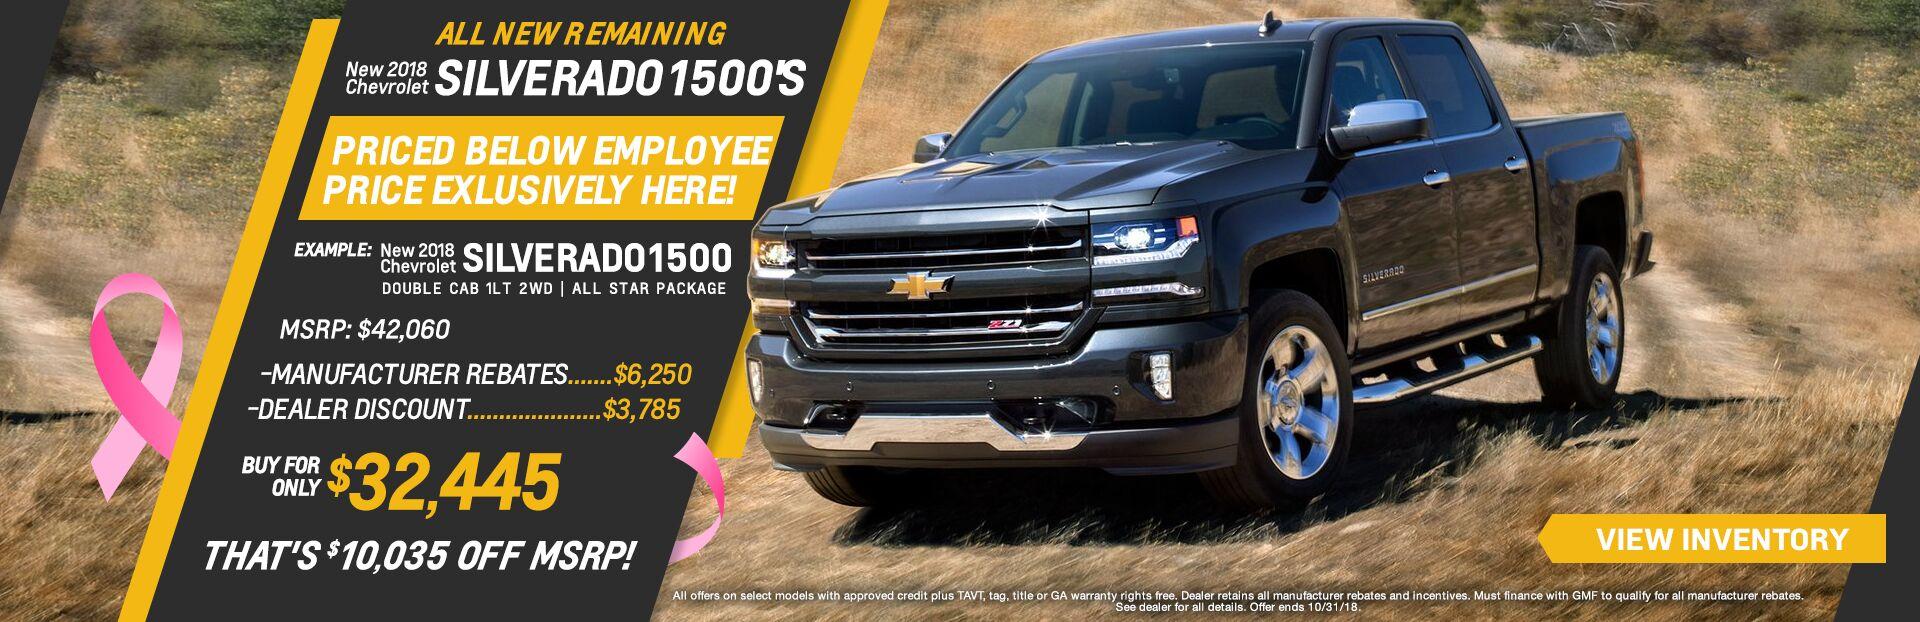 2018 Chevrolet Silverado 1500u0027s